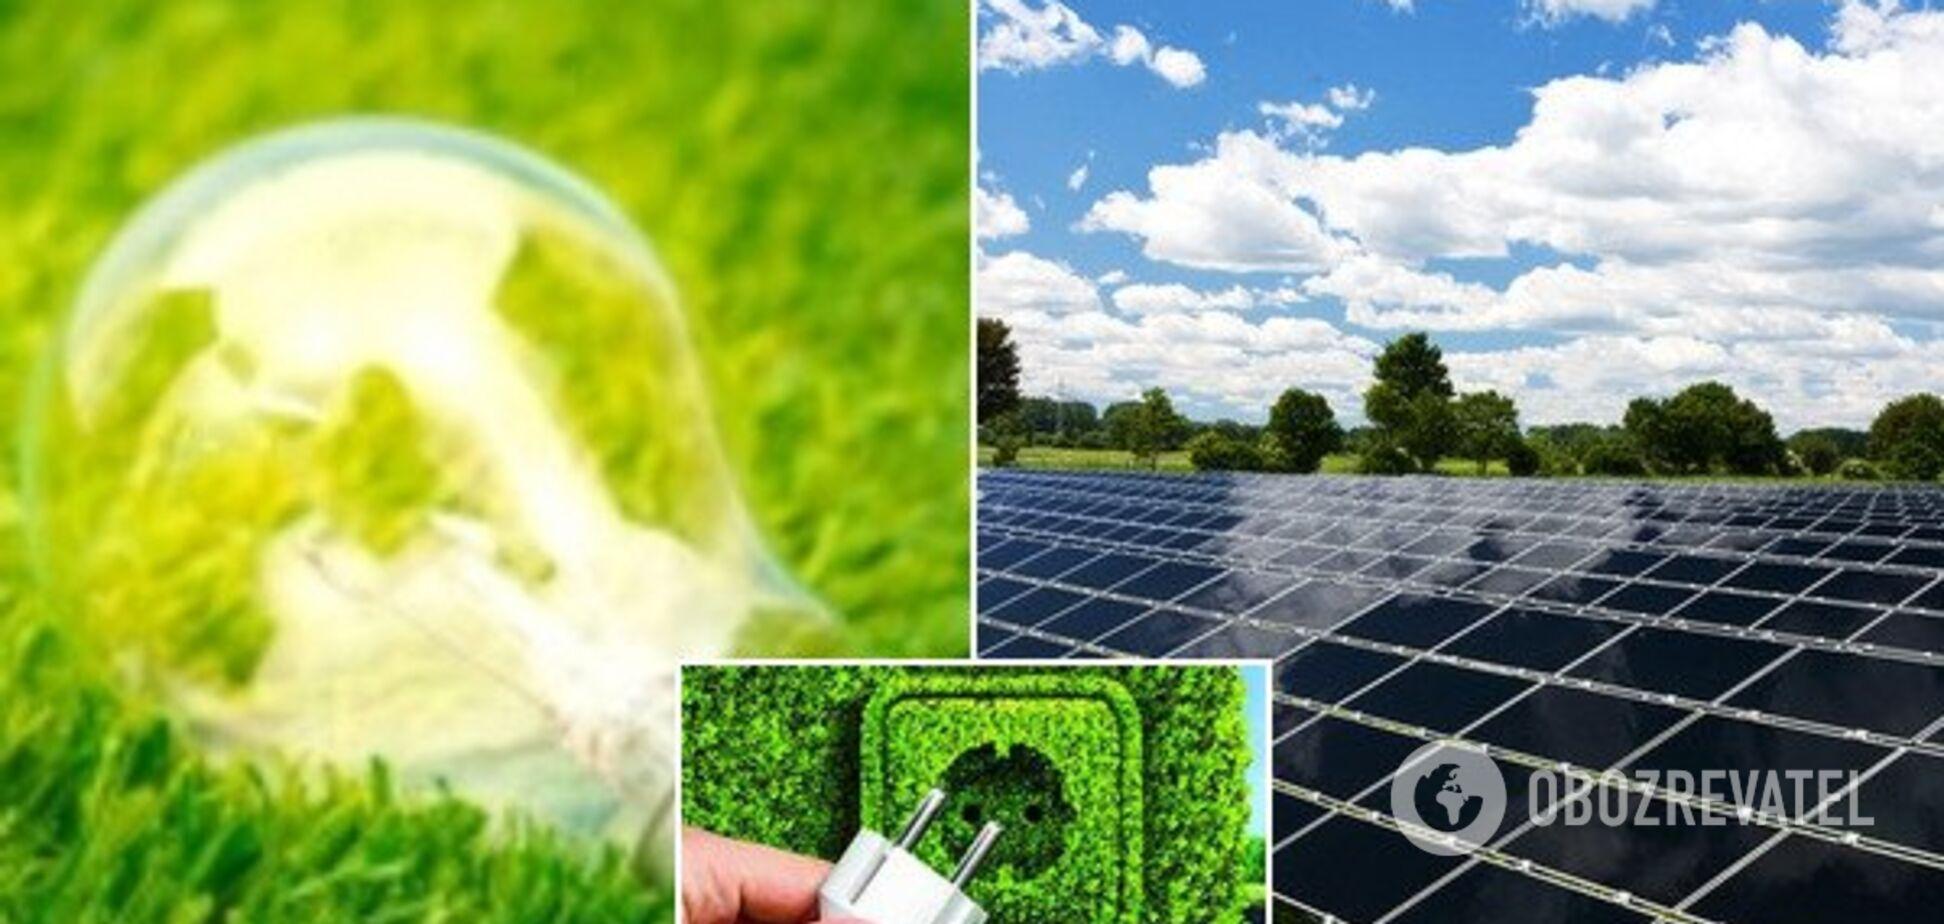 Инвестировать в солнечную энергетику необычайно выгодно: поясняем на простом примере